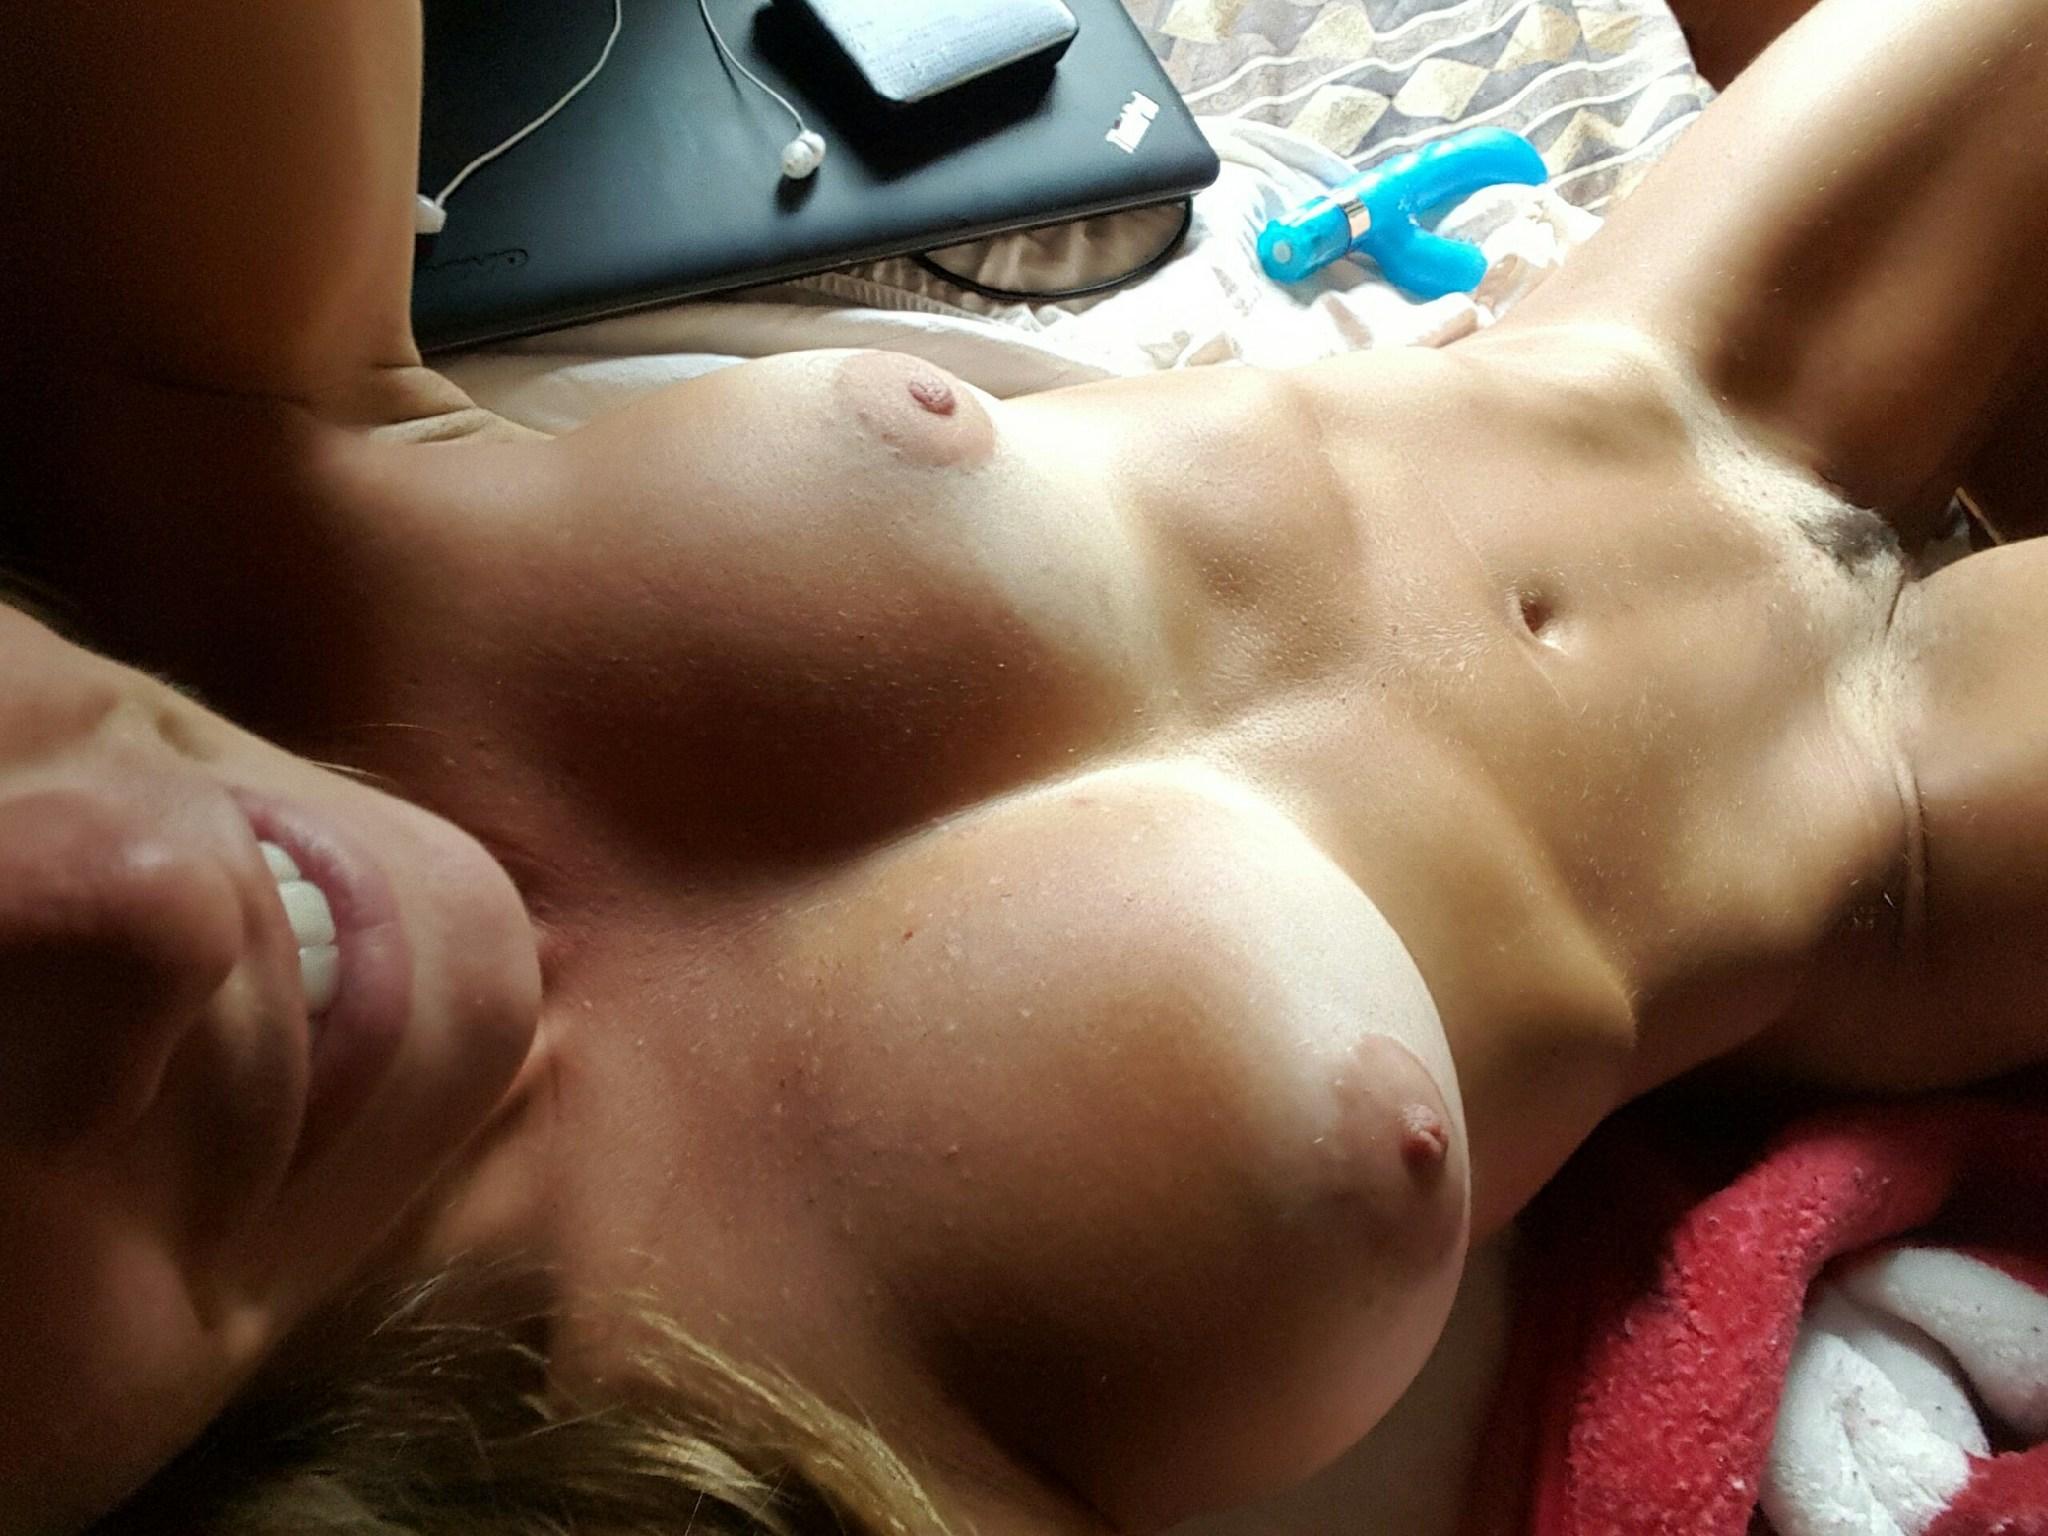 Selfie nude pics